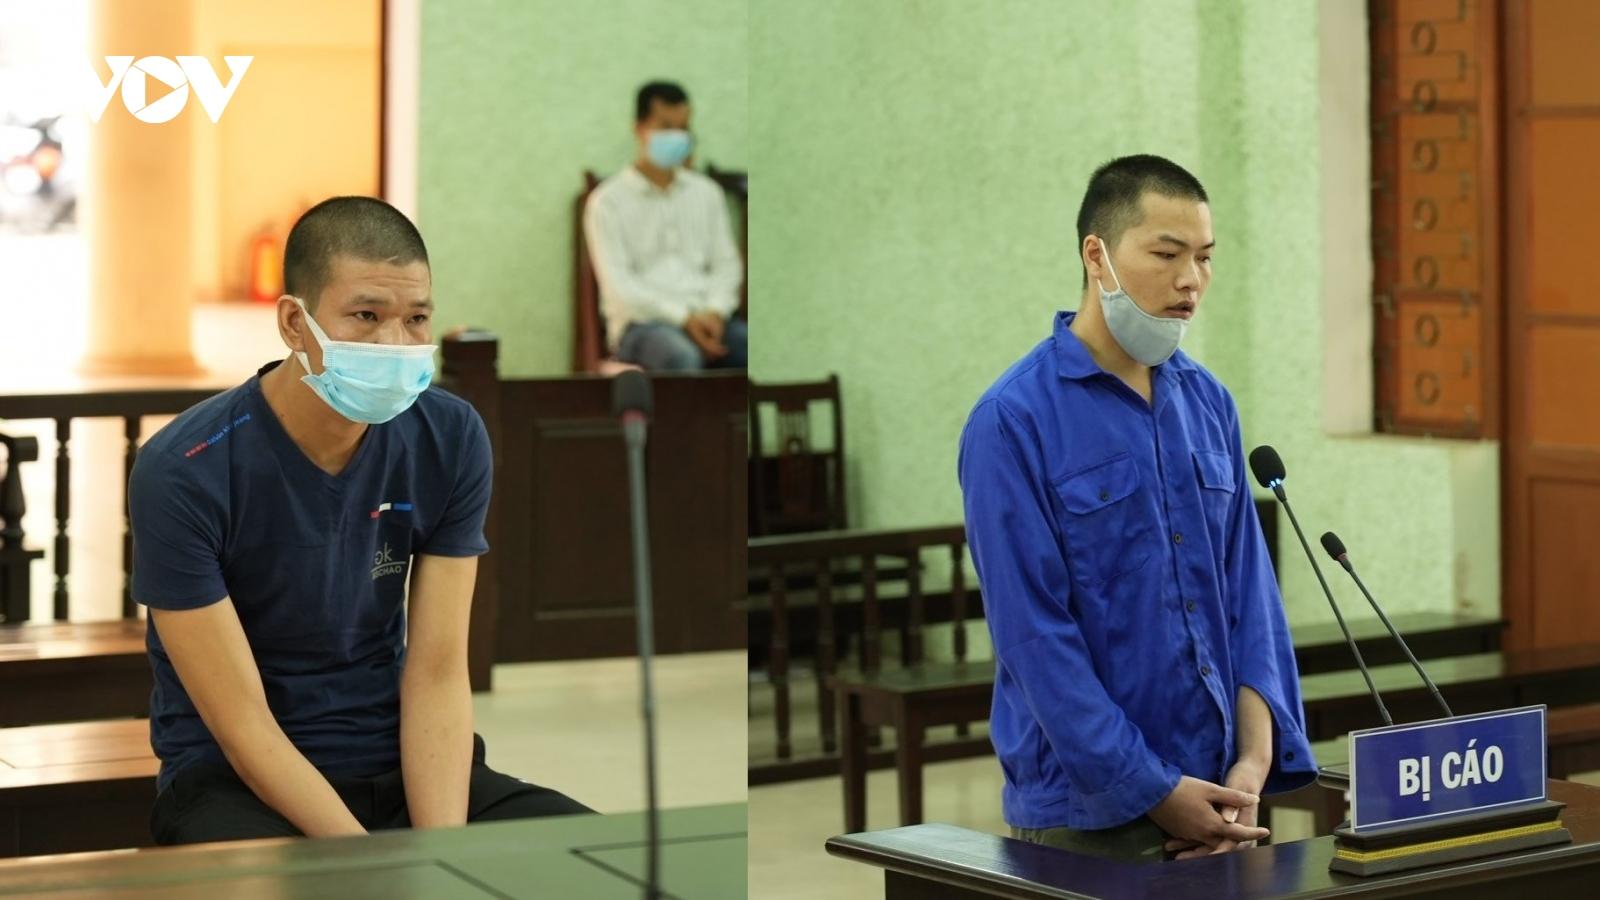 Đưa người Trung Quốc nhập cảnh trái phép, 2 thanh niên lĩnh án 33 tháng tù giam